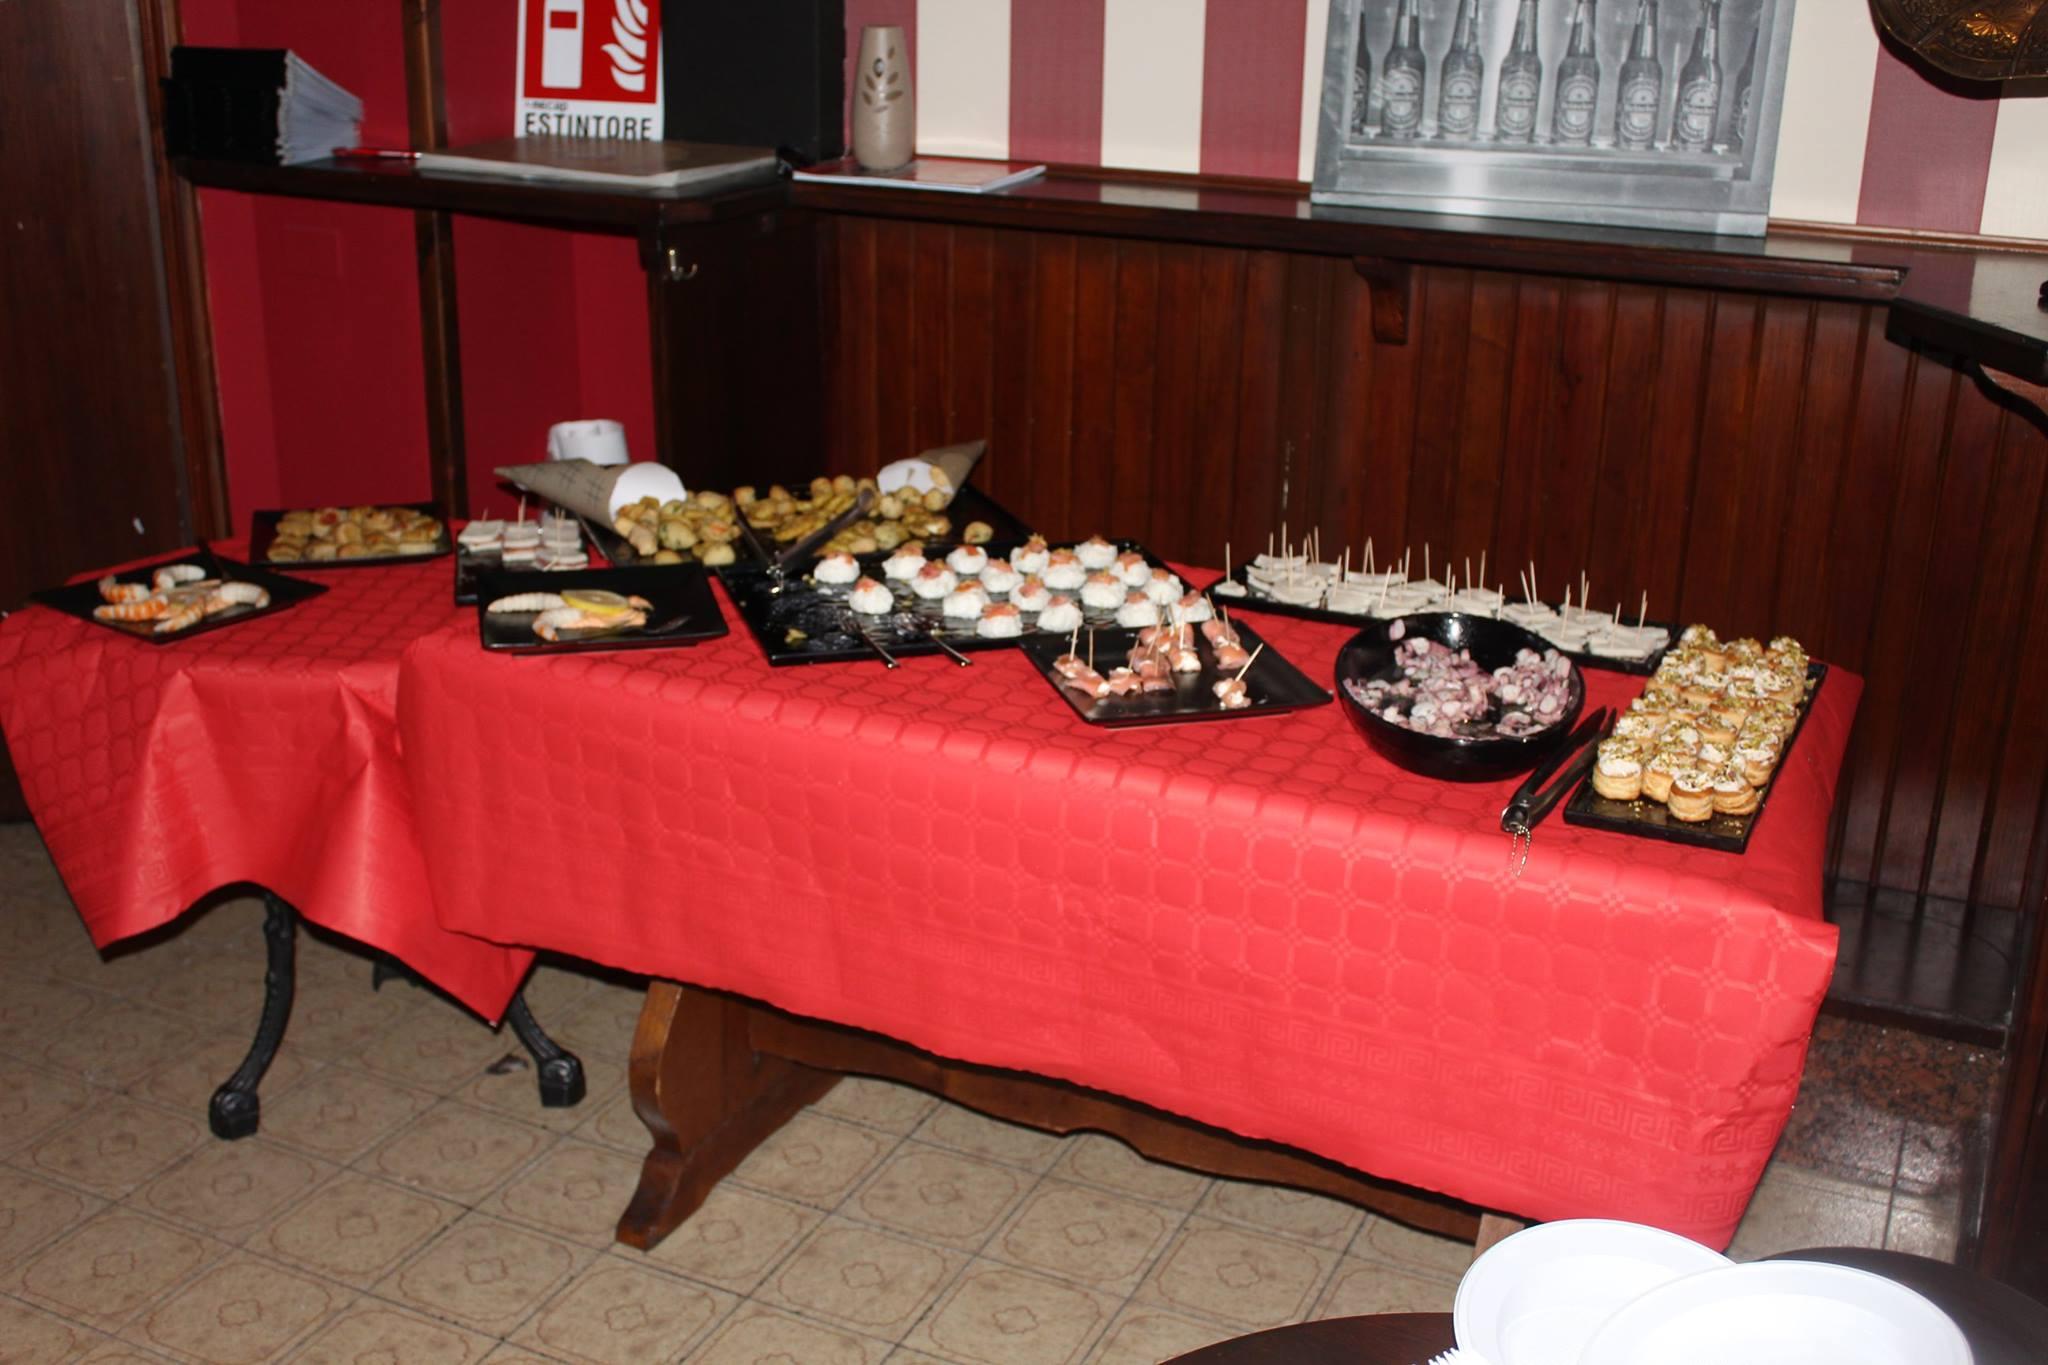 un tavolo con sopra anelli fritti,gamberi,tartine,tramezzini e altro